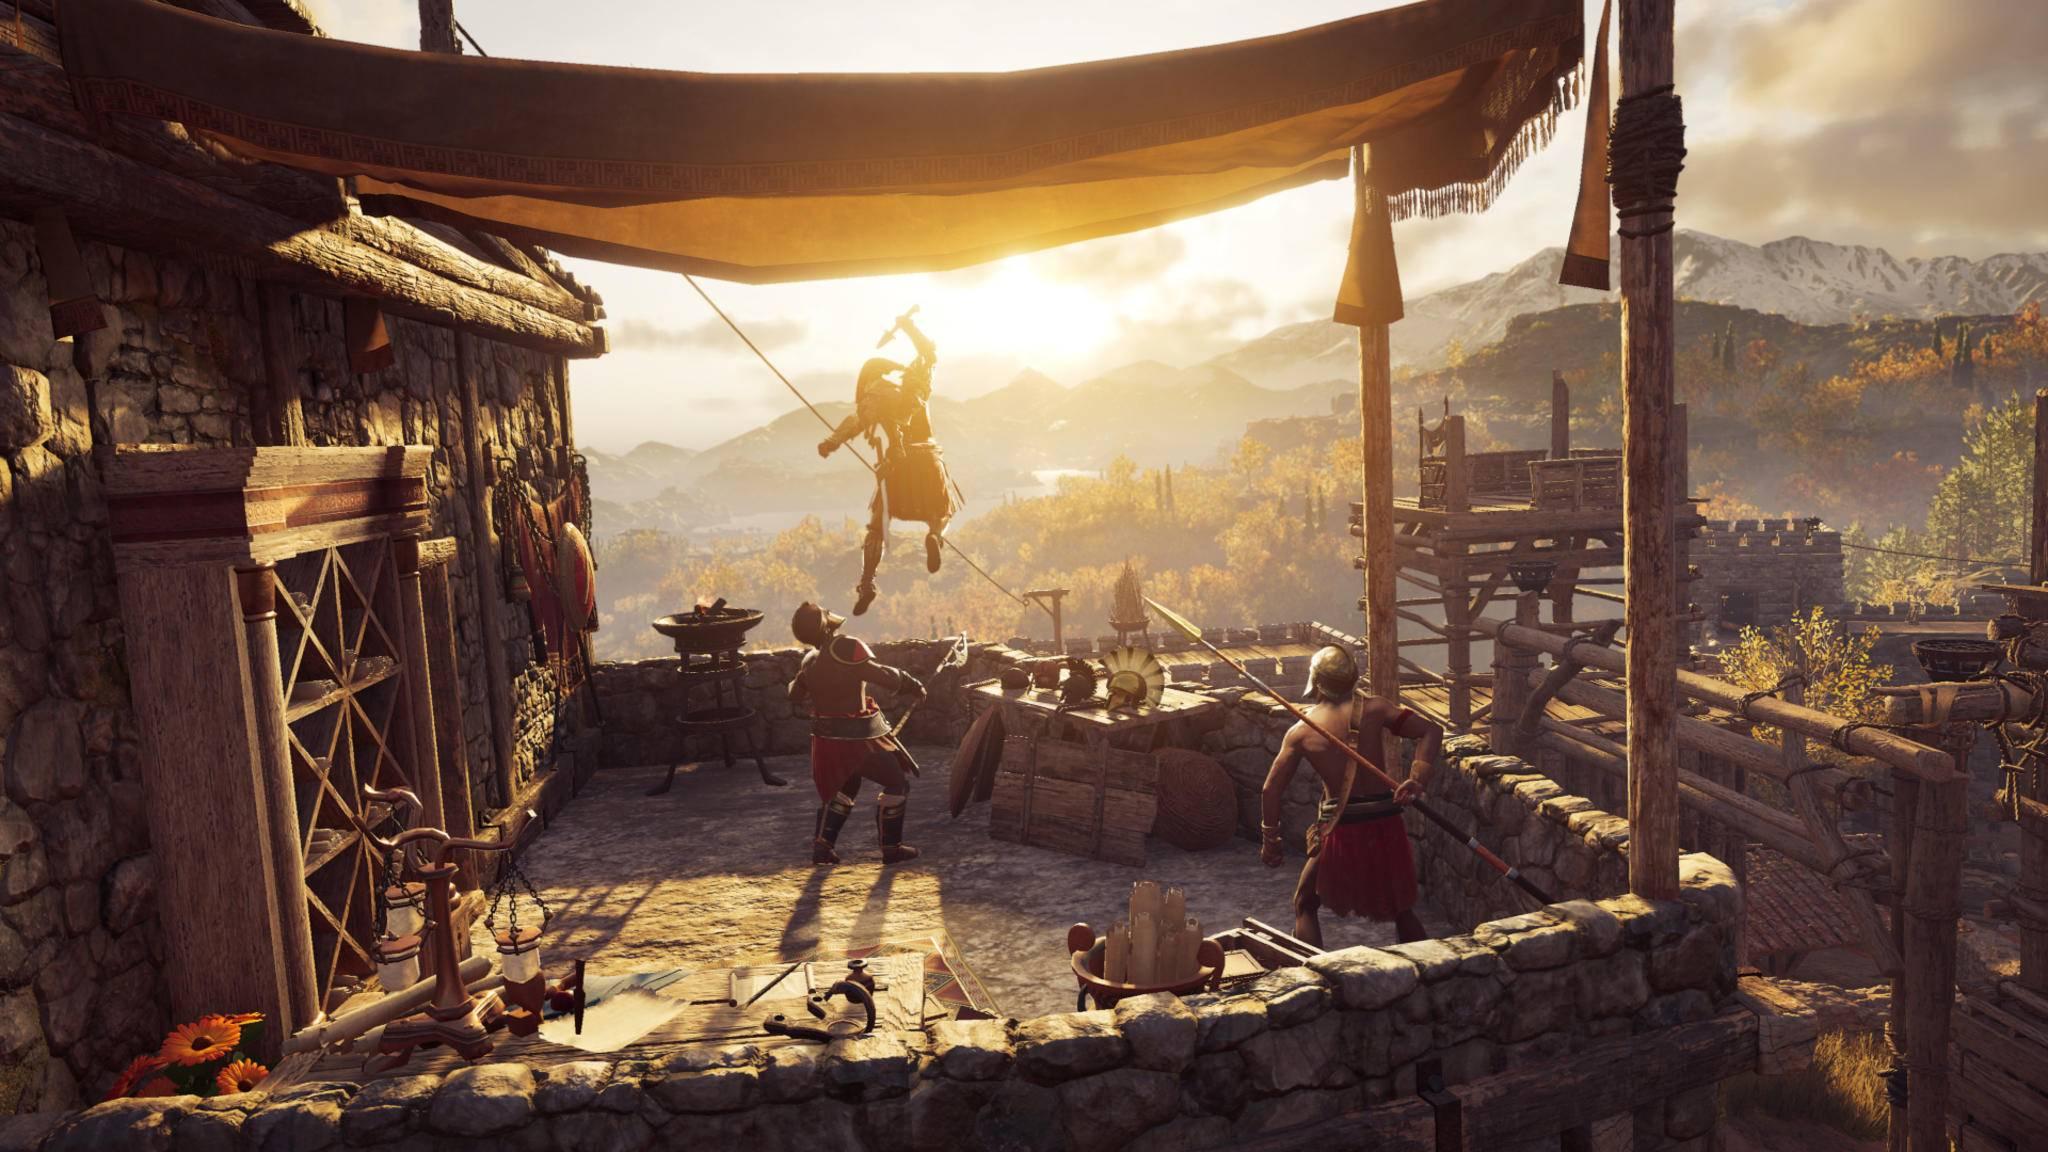 """Festungen plündern: Der schnellste Weg, um in """"Assassin's Creed Odyssey"""" Geld zu machen."""